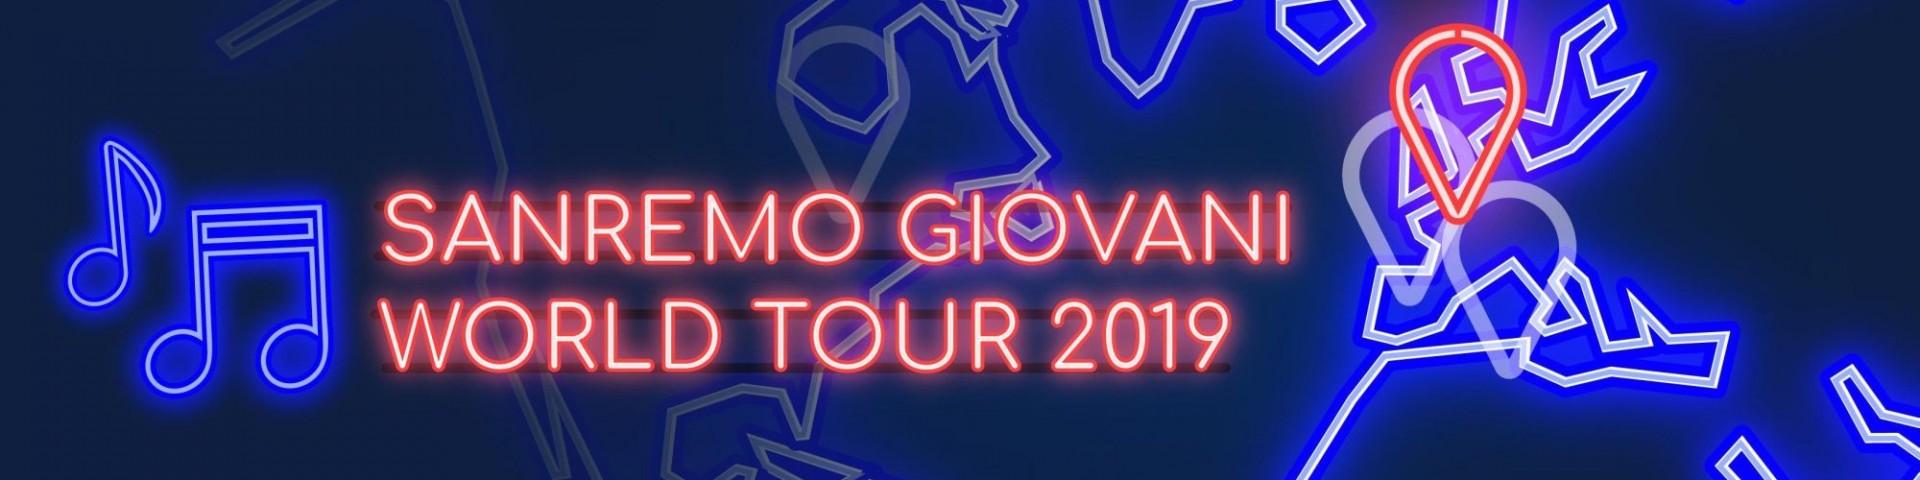 Sanremo Giovani World Tour parte da Roma: tutti i dettagli